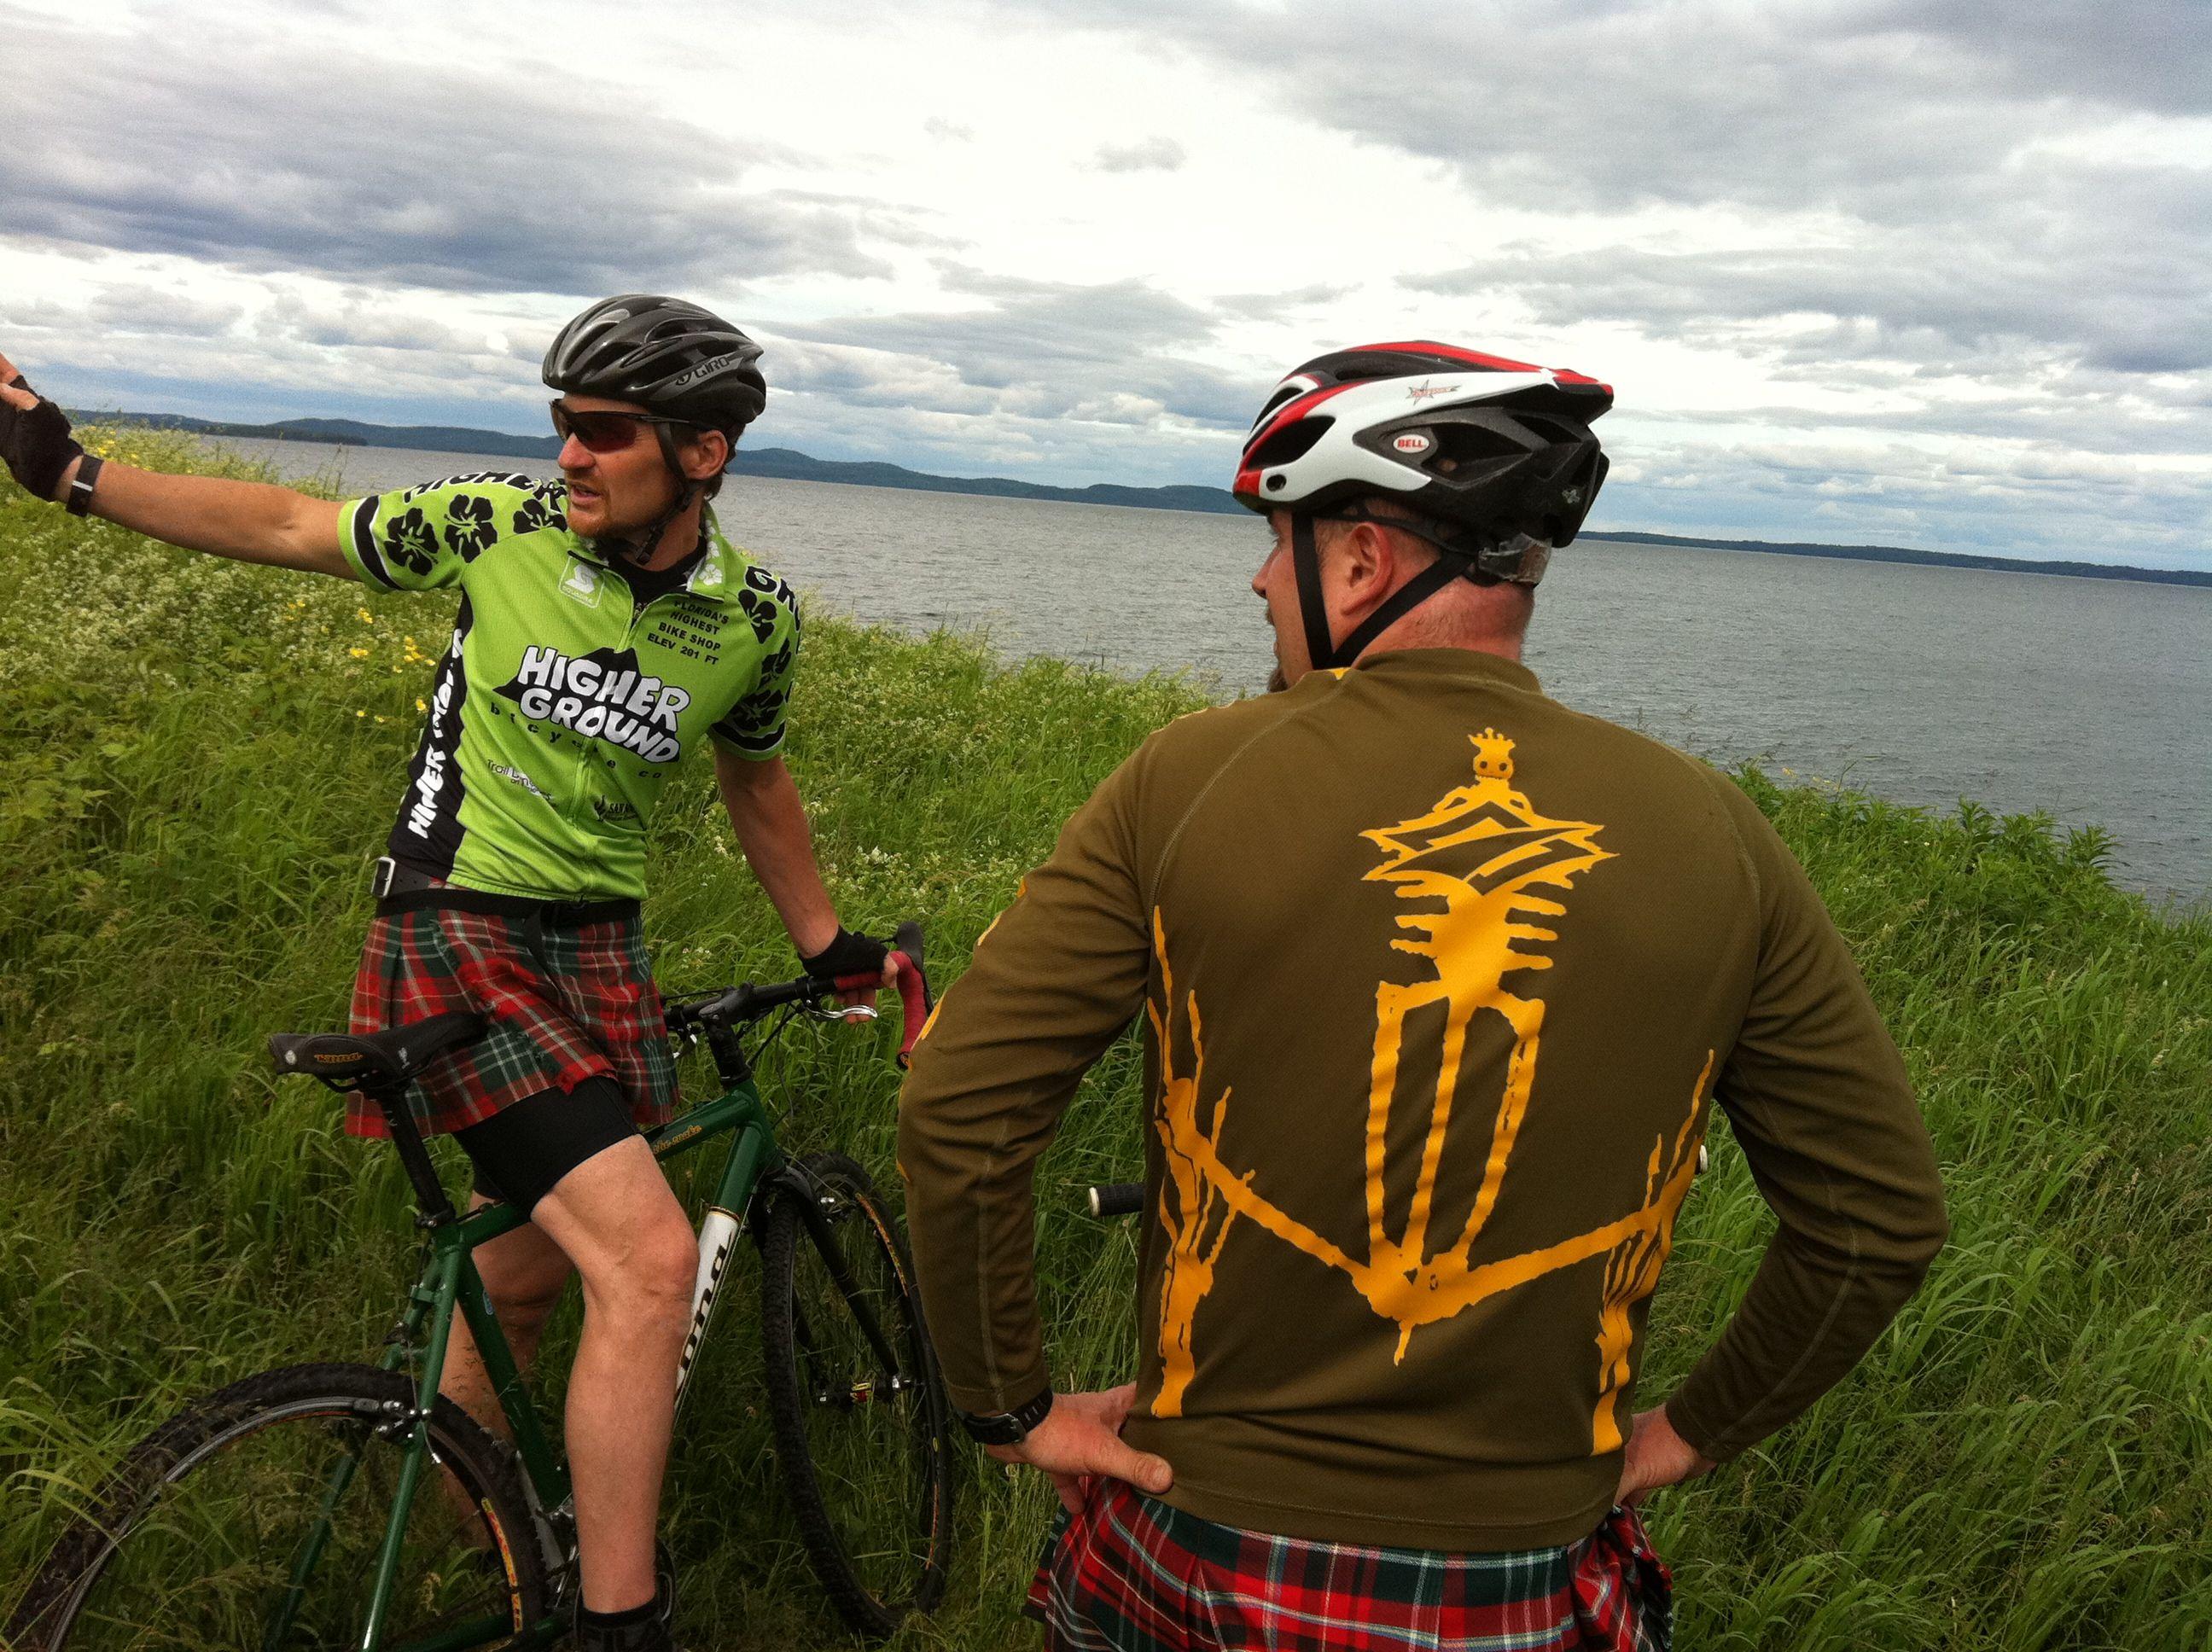 Fahrrad fährt man in New Brunswick gerne mal im Kilt